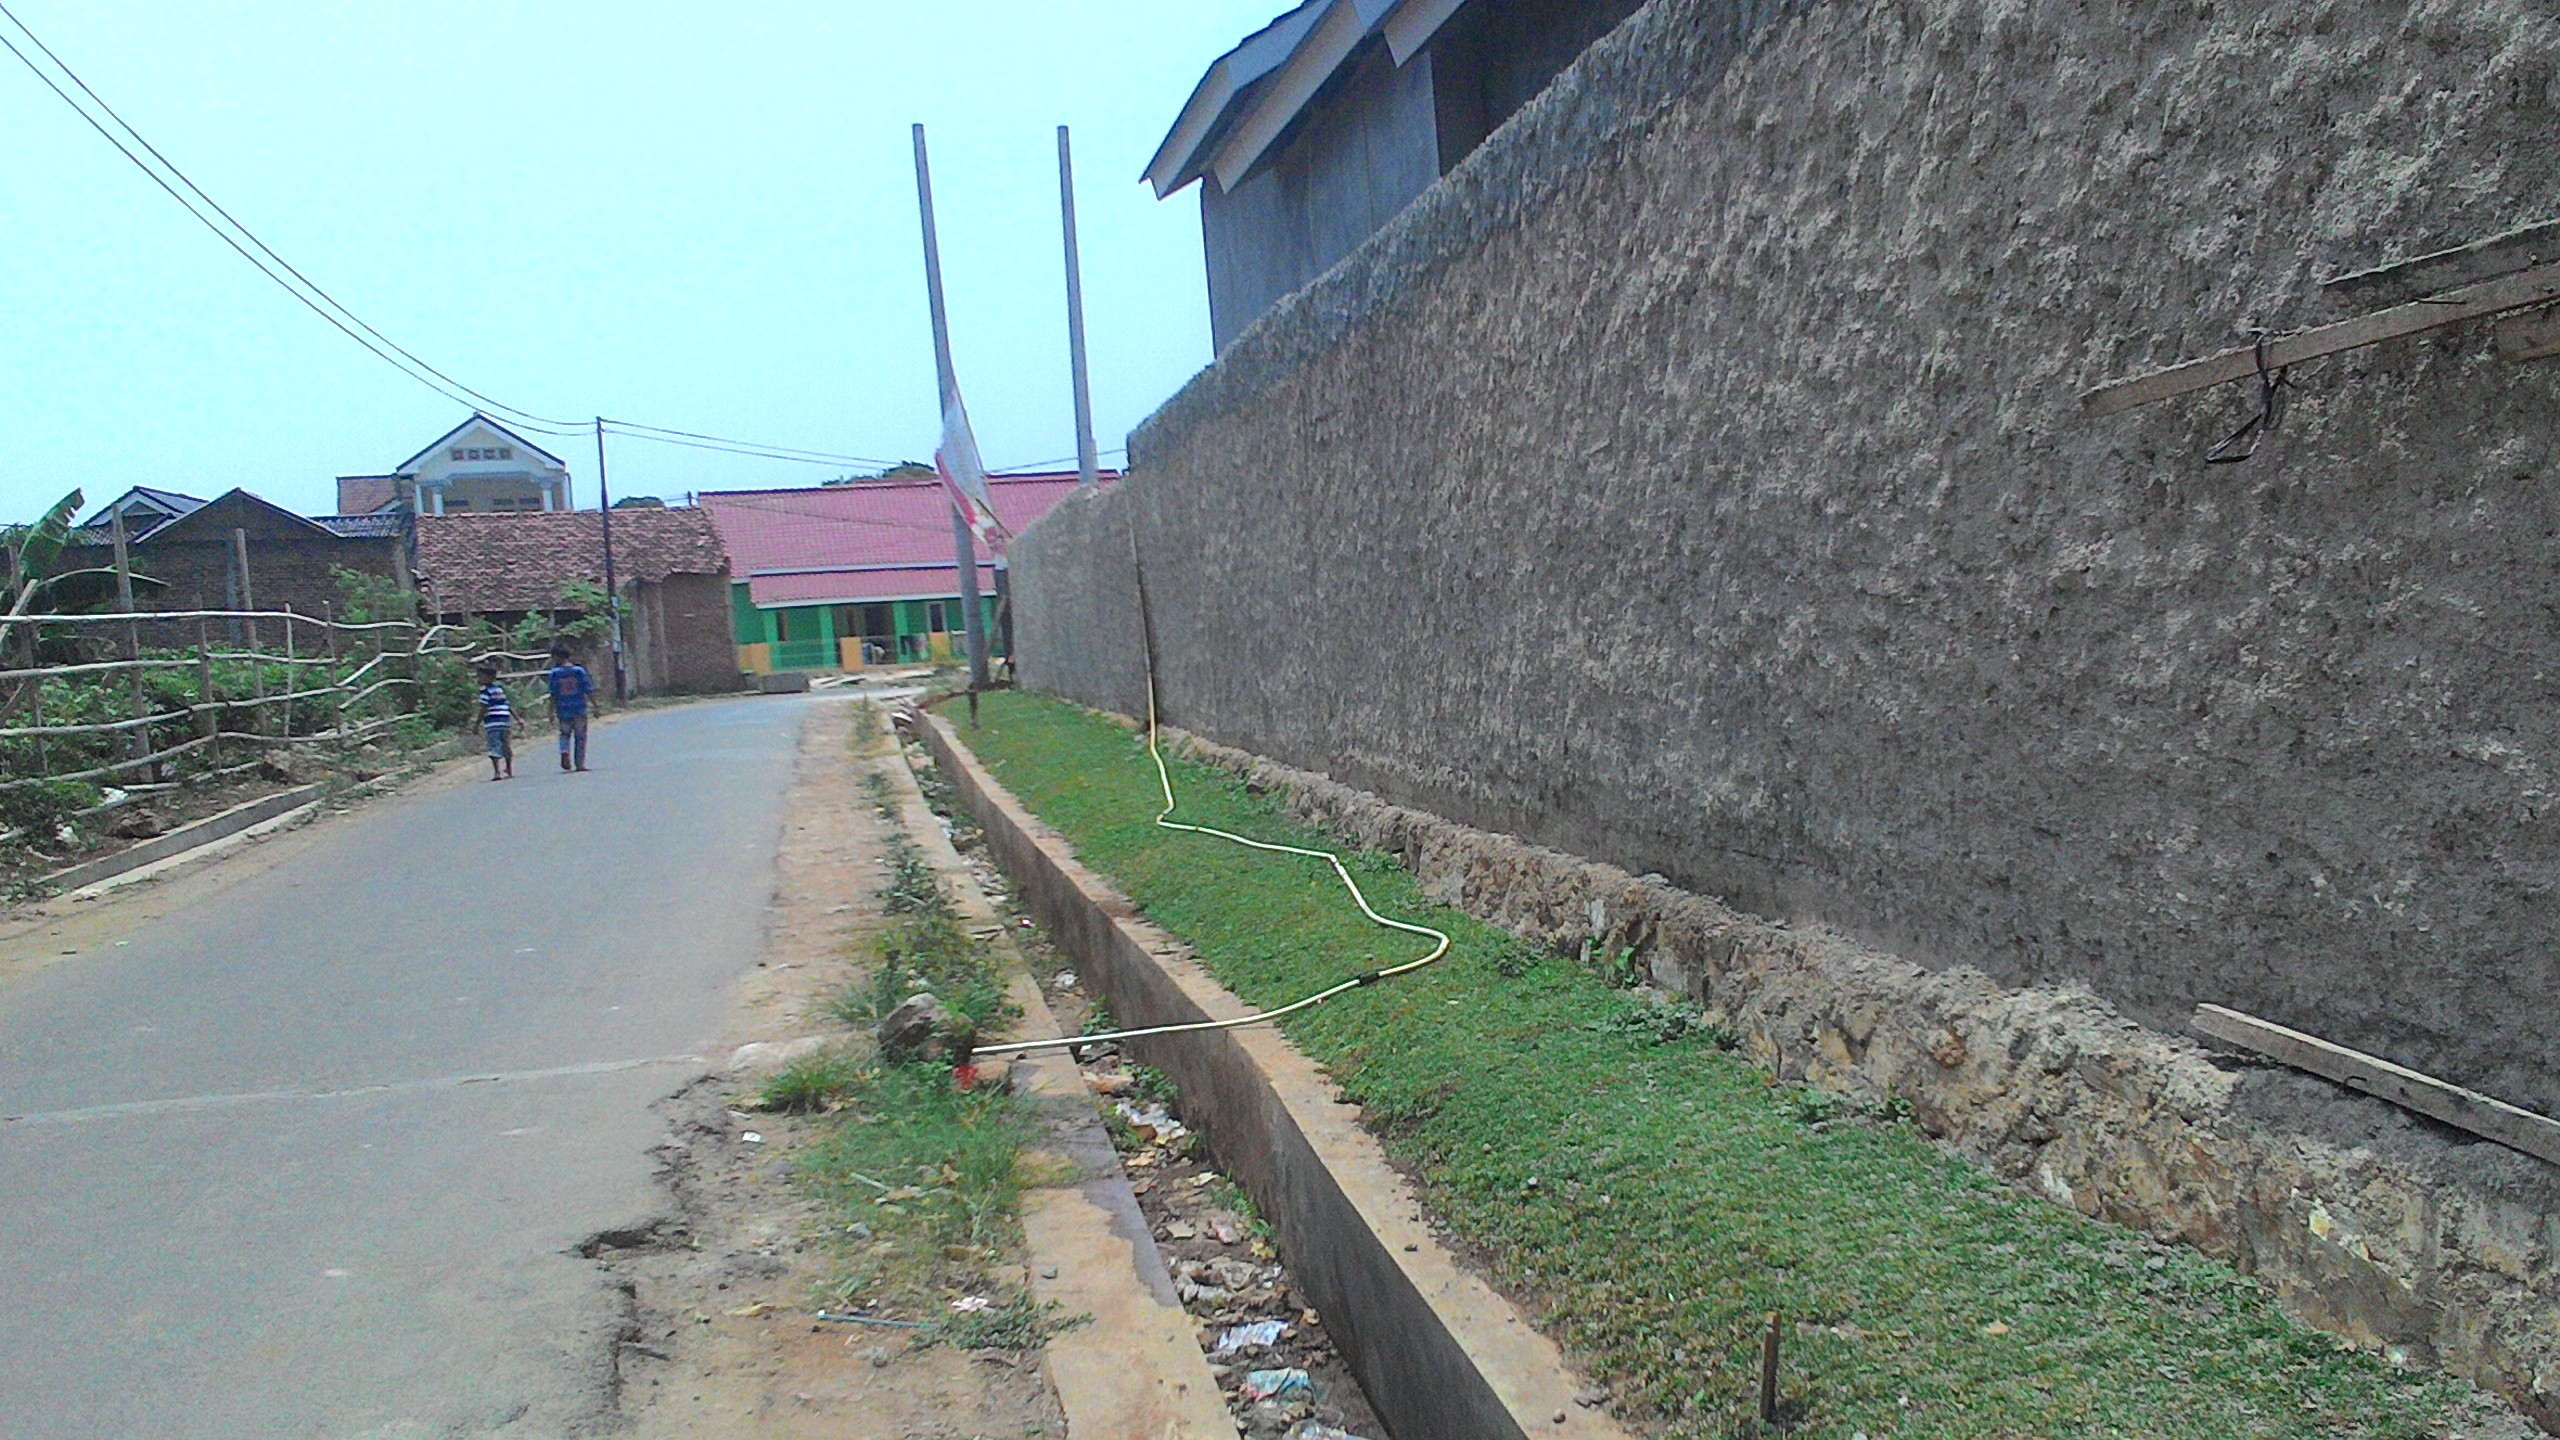 Akses Jalan di samping Perumahan - Saluran Sekeliling Perumahan